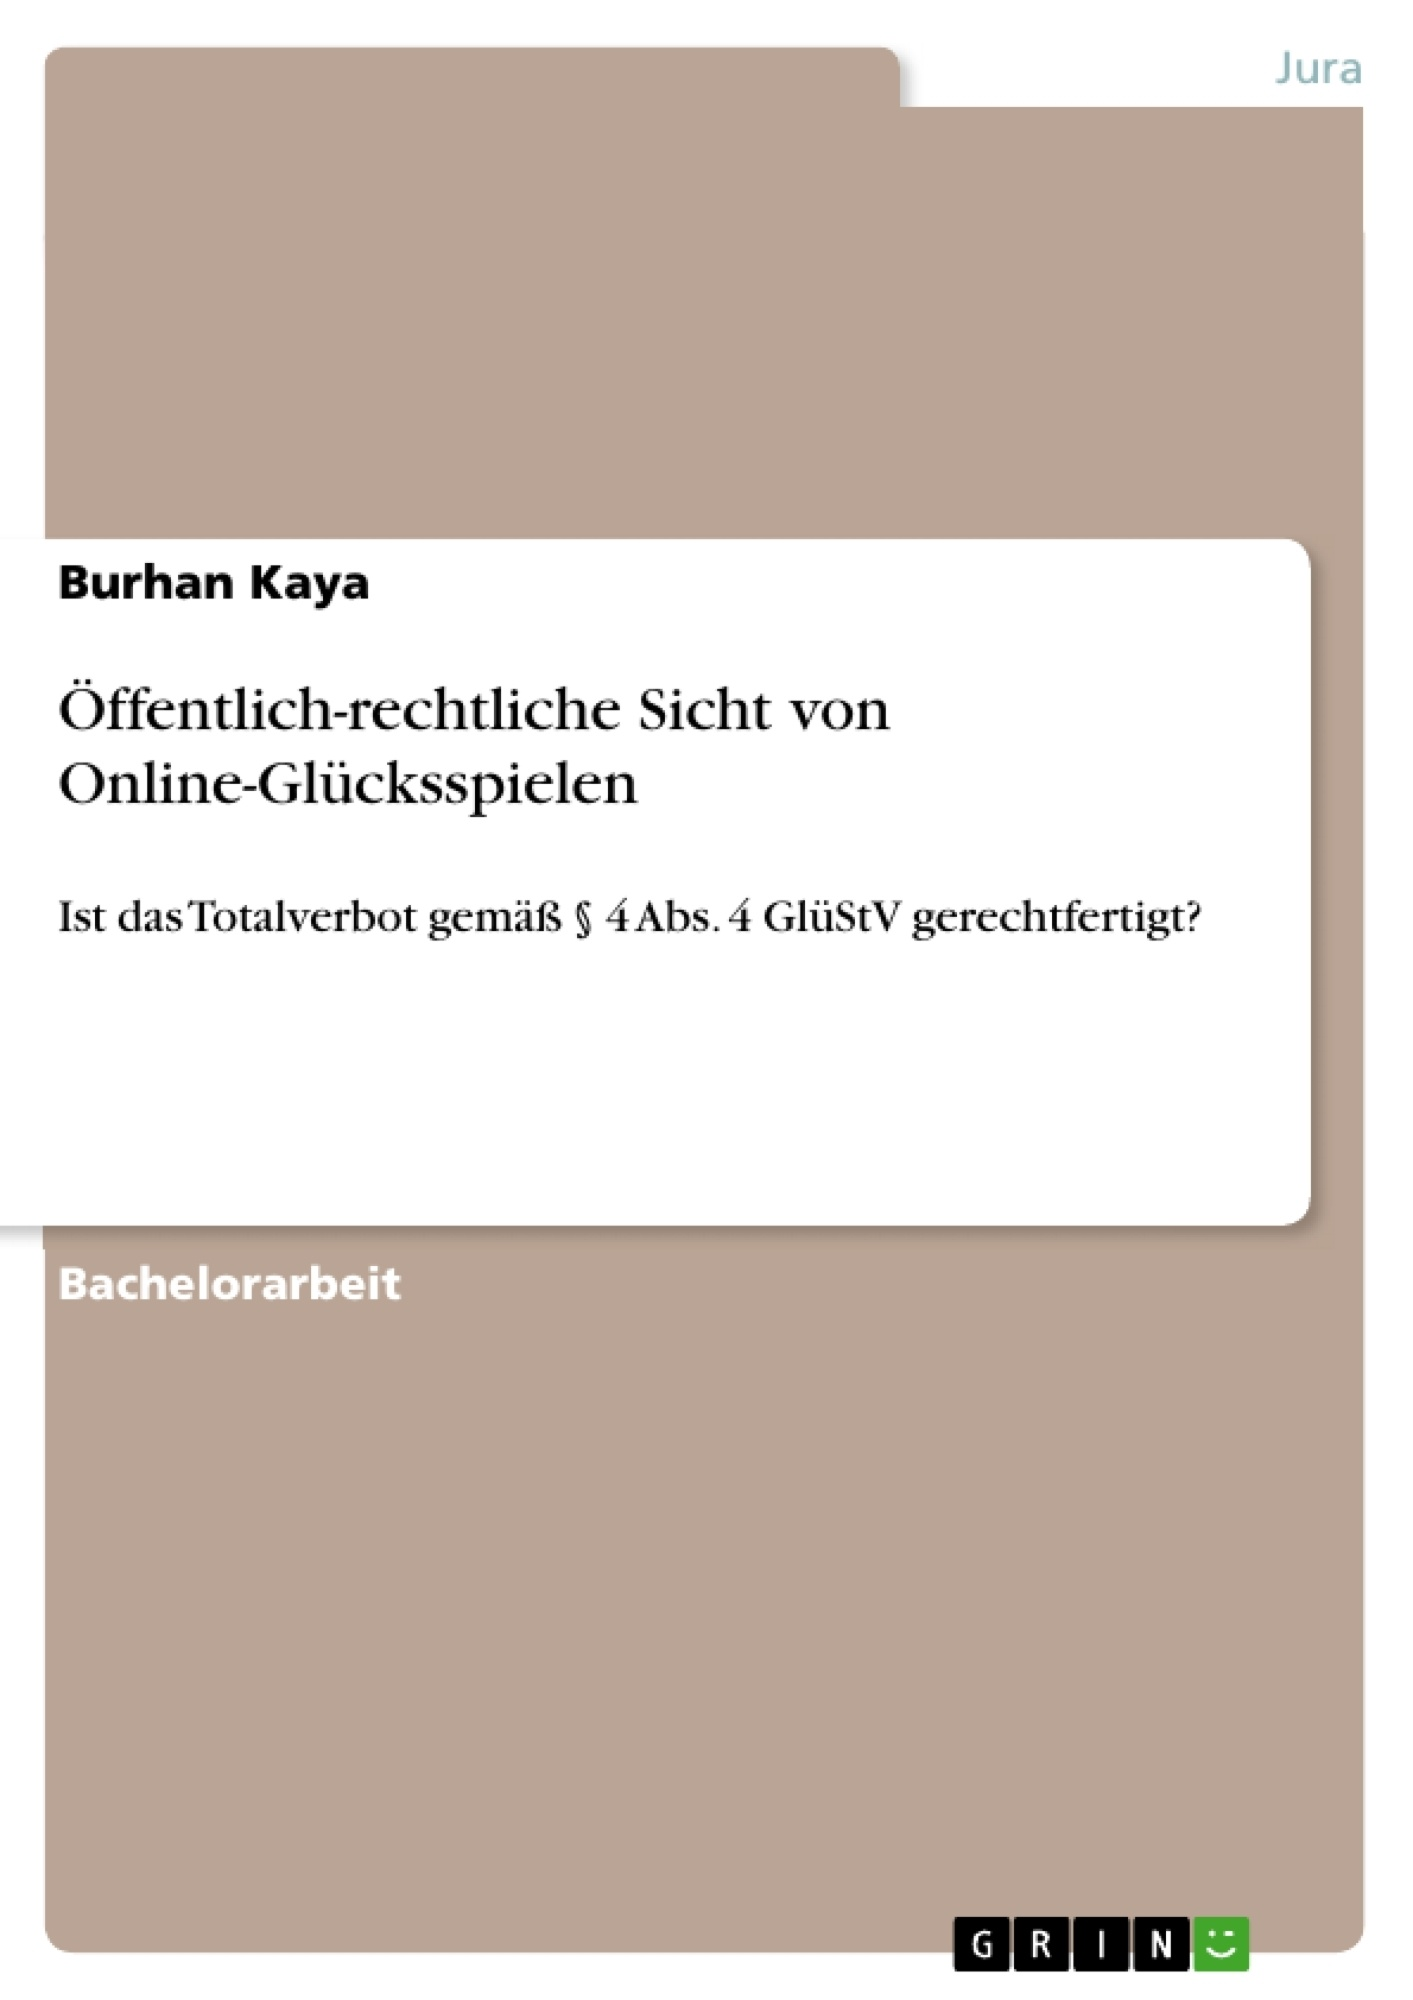 Titel: Öffentlich-rechtliche Sicht von Online-Glücksspielen